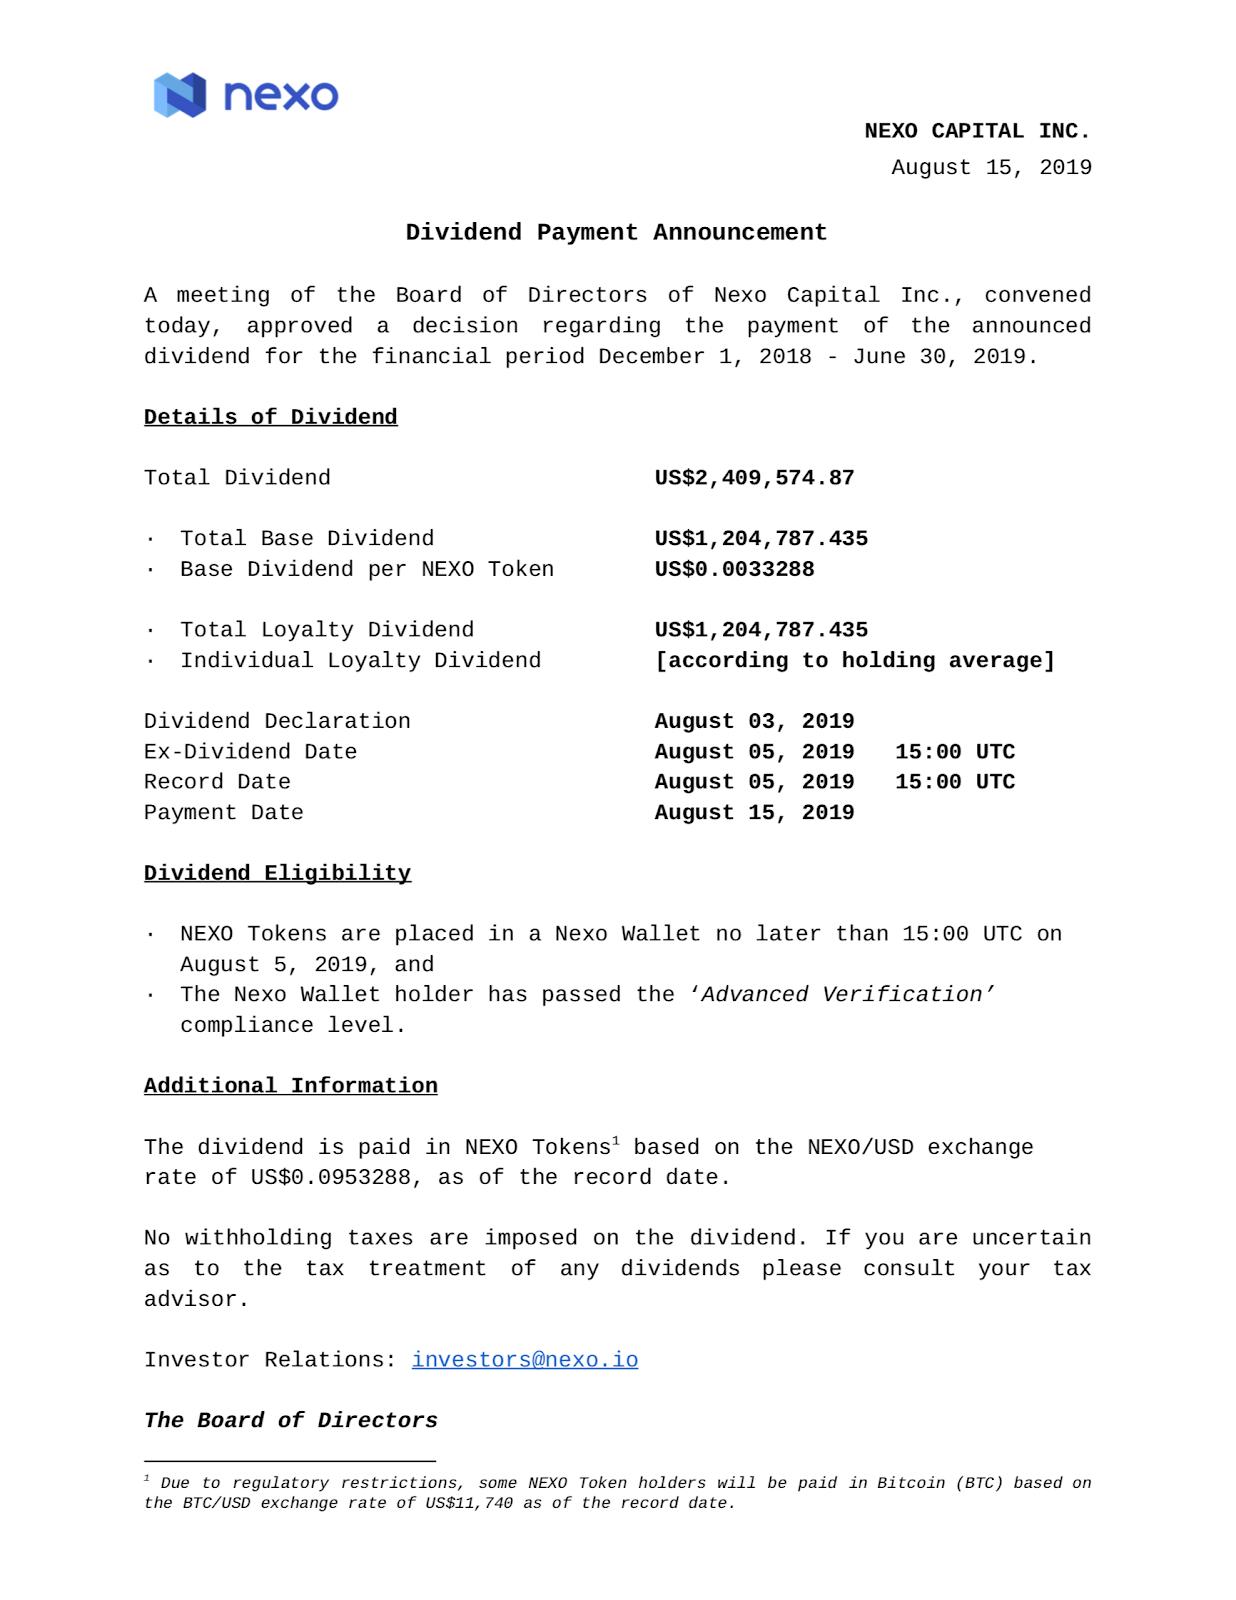 nexo dividend payment